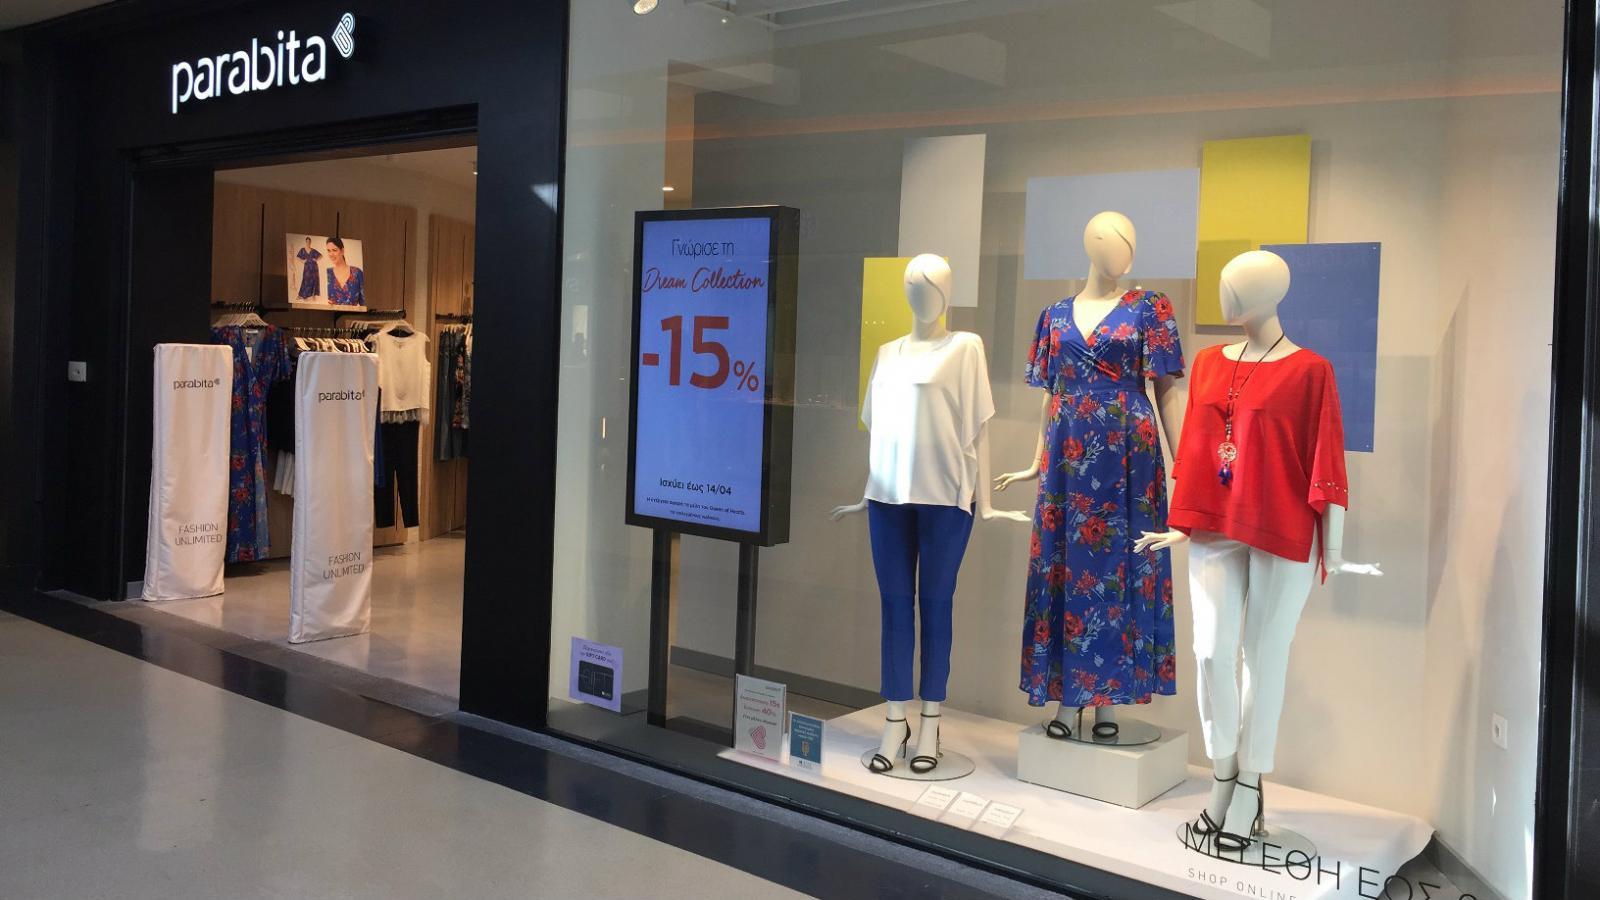 Προηγμένες retail digital signage λύσεις της LG σε όλη την Ελλάδα c20f64033ef